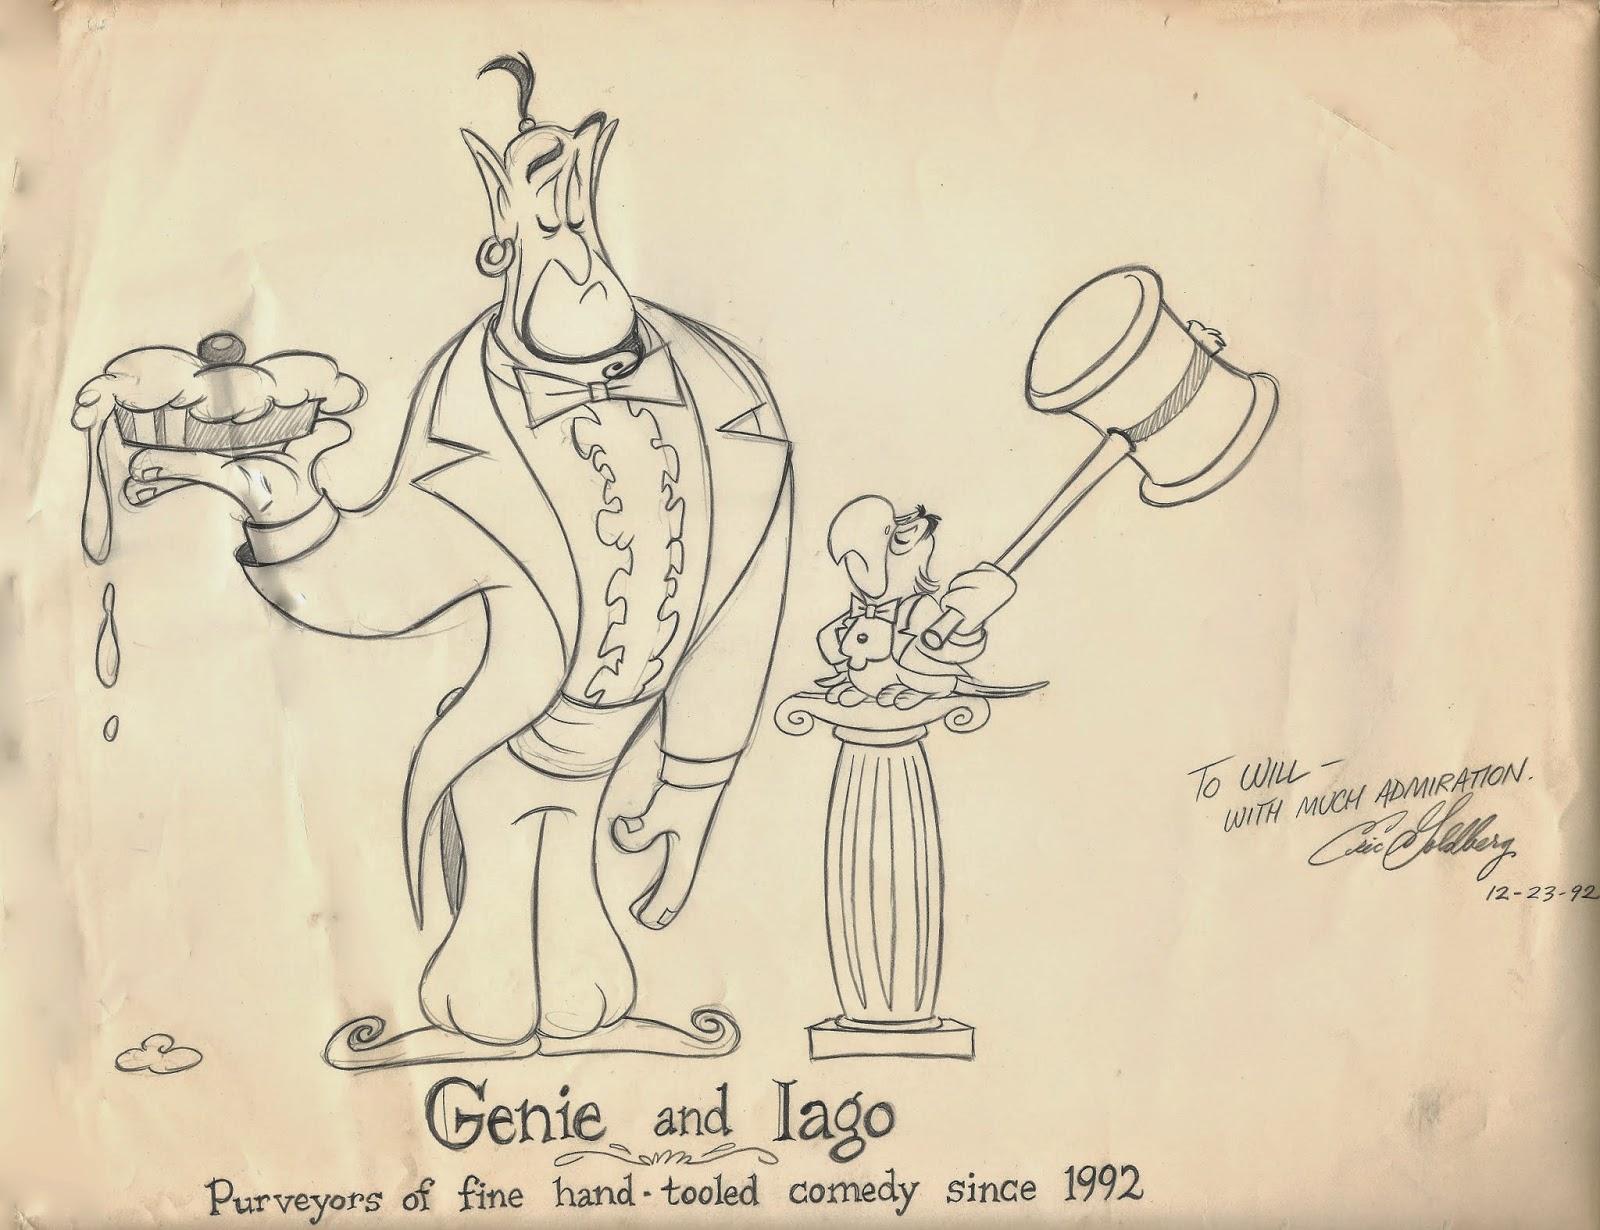 Genie and Iago by Will Finn